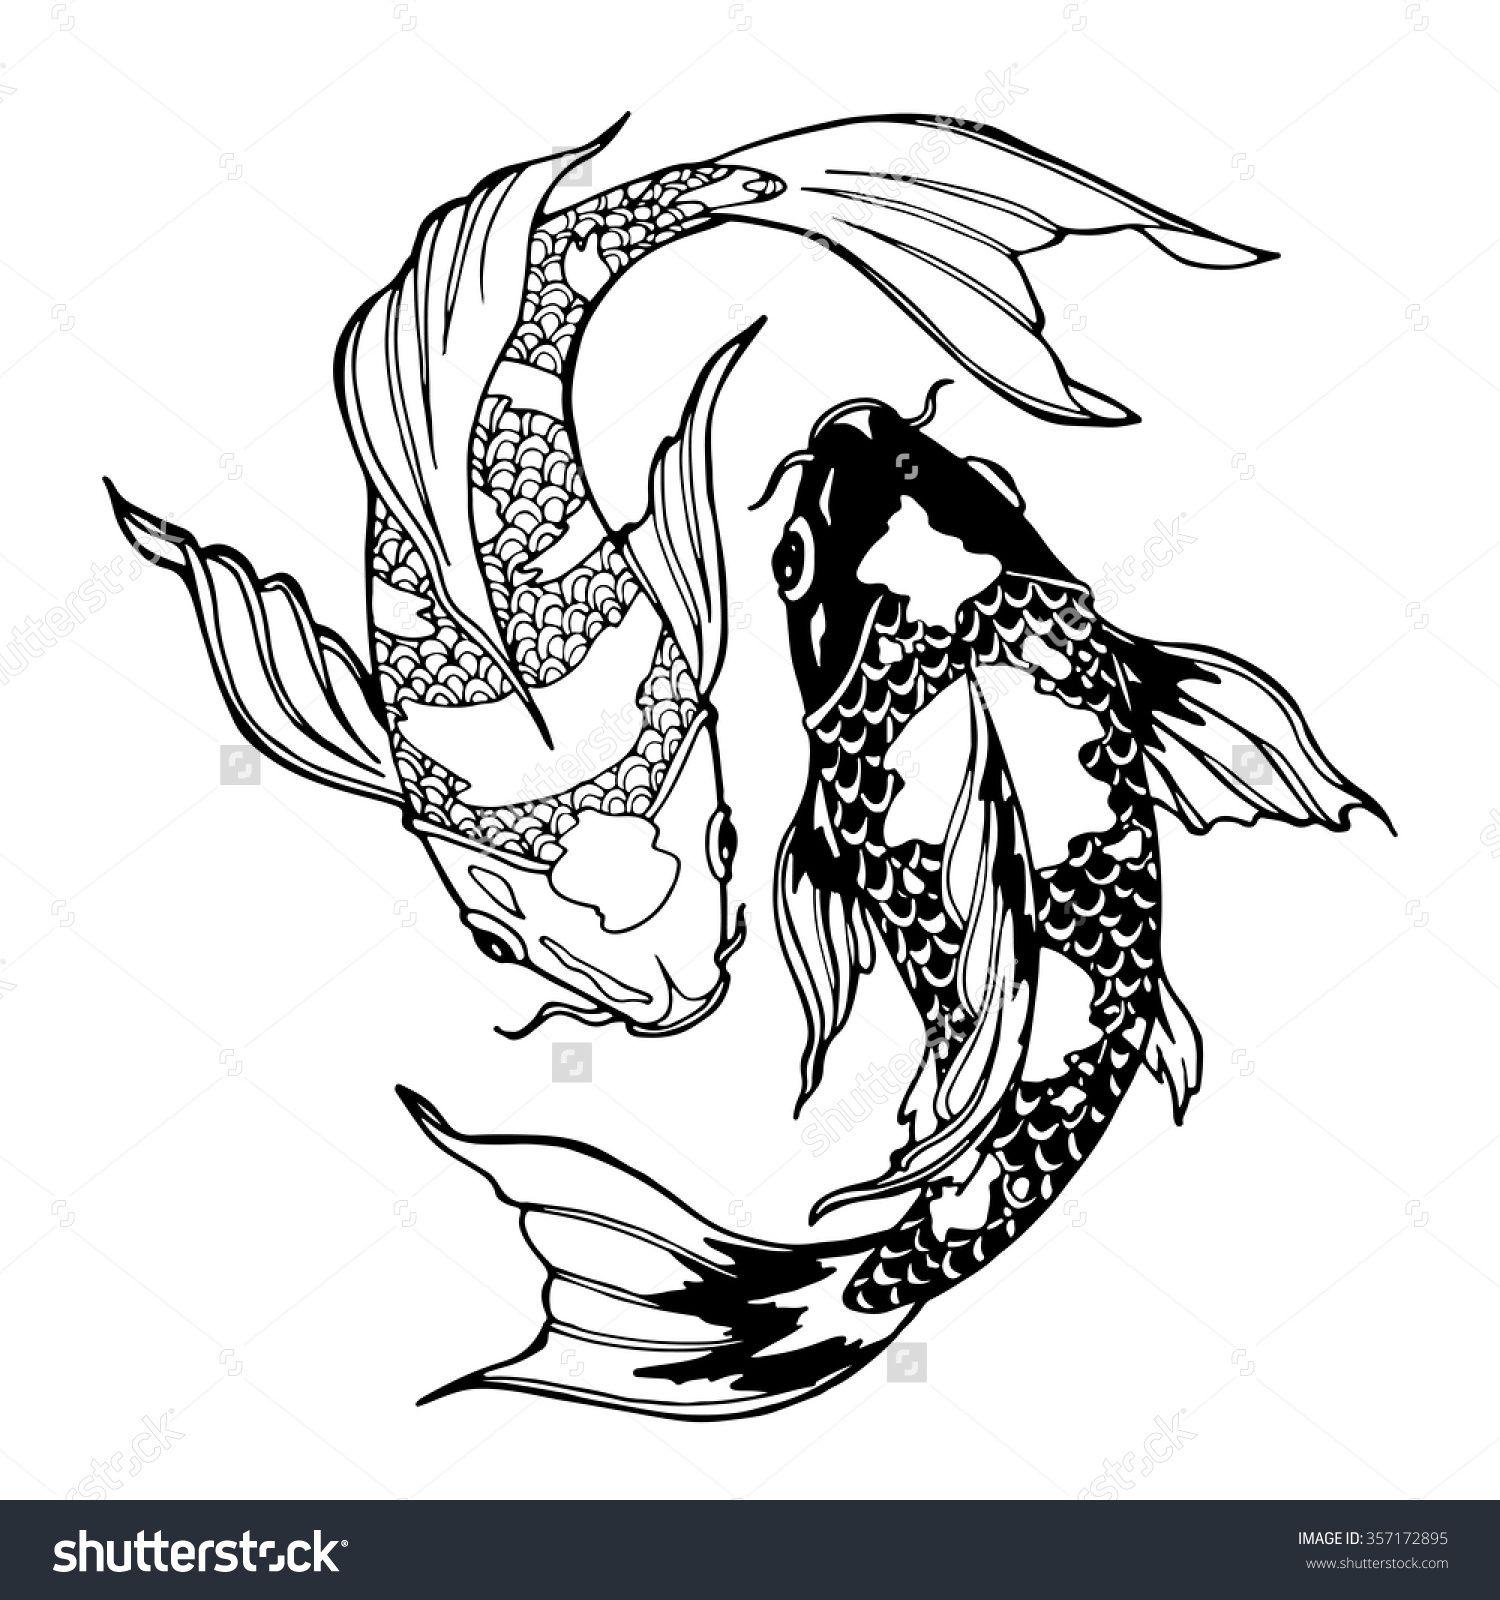 illustration of koi carp coloring page yin yang - Yin Yang Coloring Page